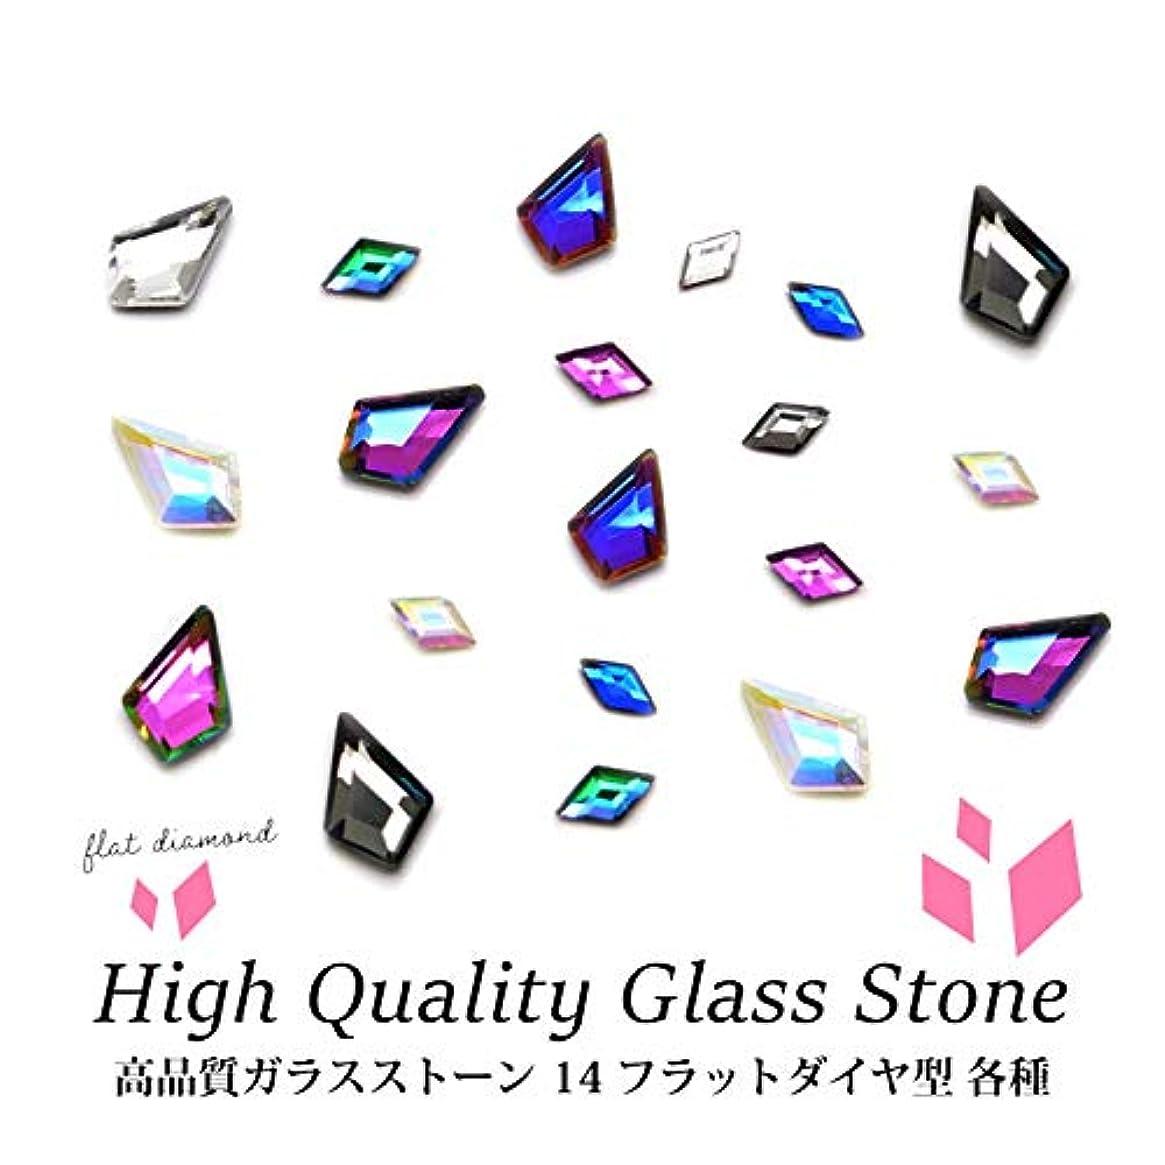 その間宴会バルク高品質ガラスストーン 14 フラットダイヤ型 各種 10個入り (6.エメラルドシャイン)